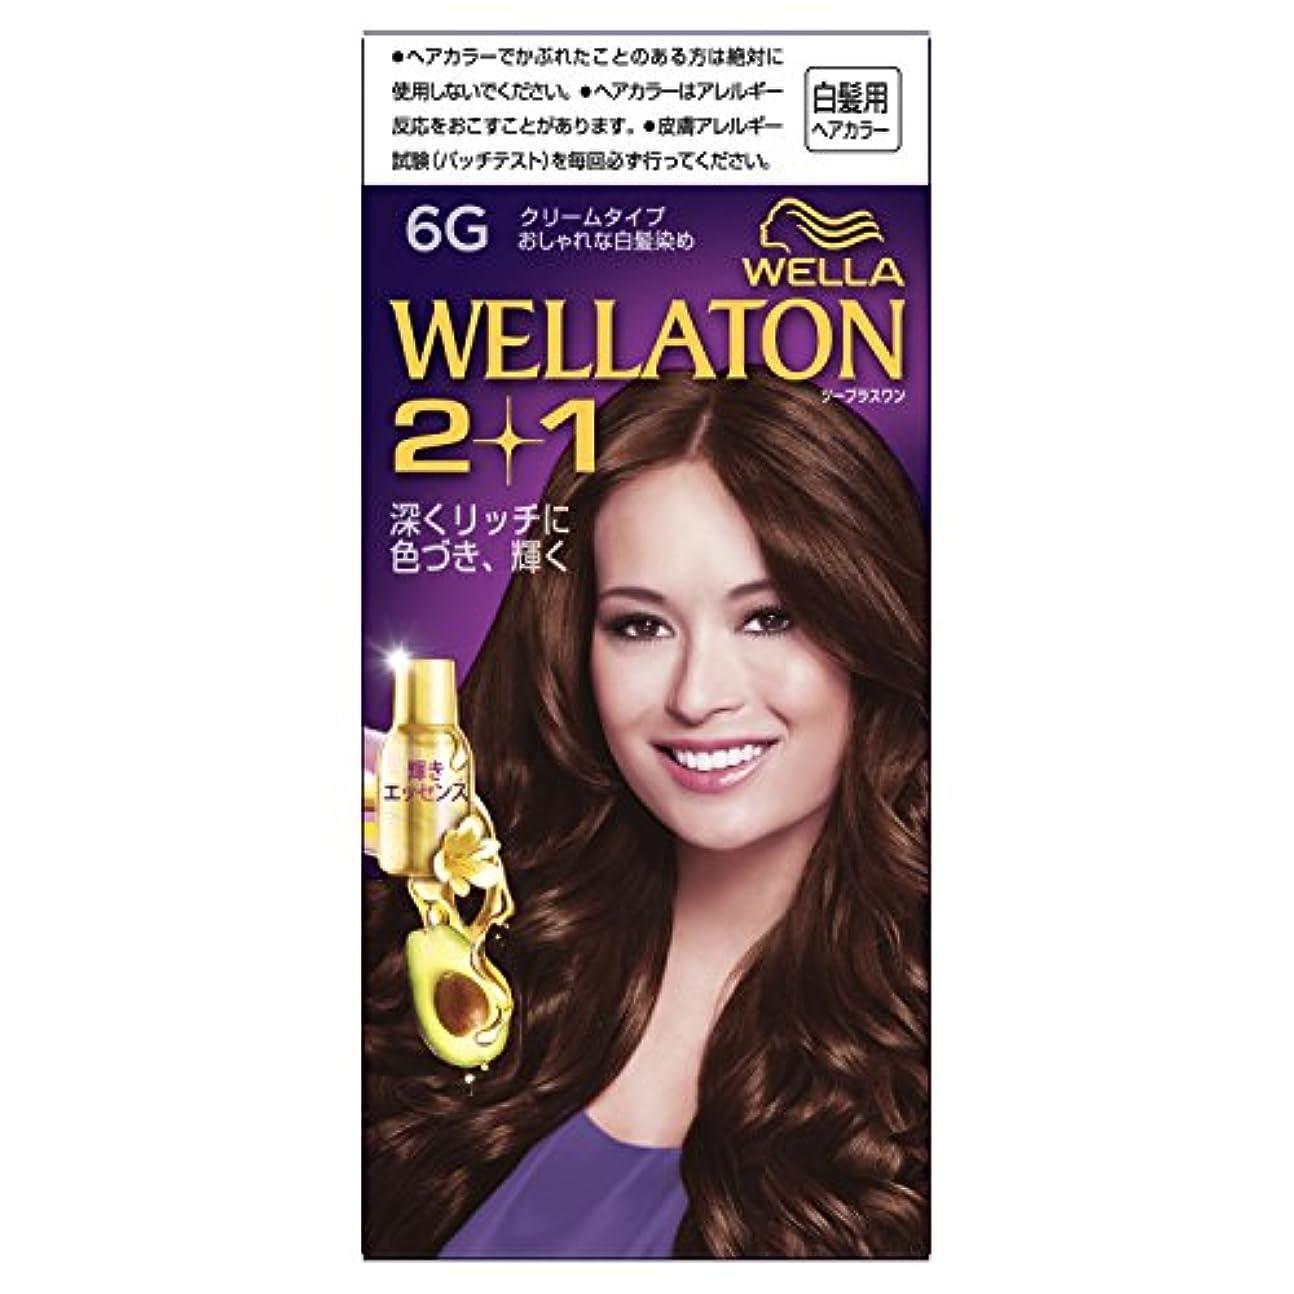 マットアニメーションとても多くのウエラトーン2+1 クリームタイプ 6G [医薬部外品](おしゃれな白髪染め)